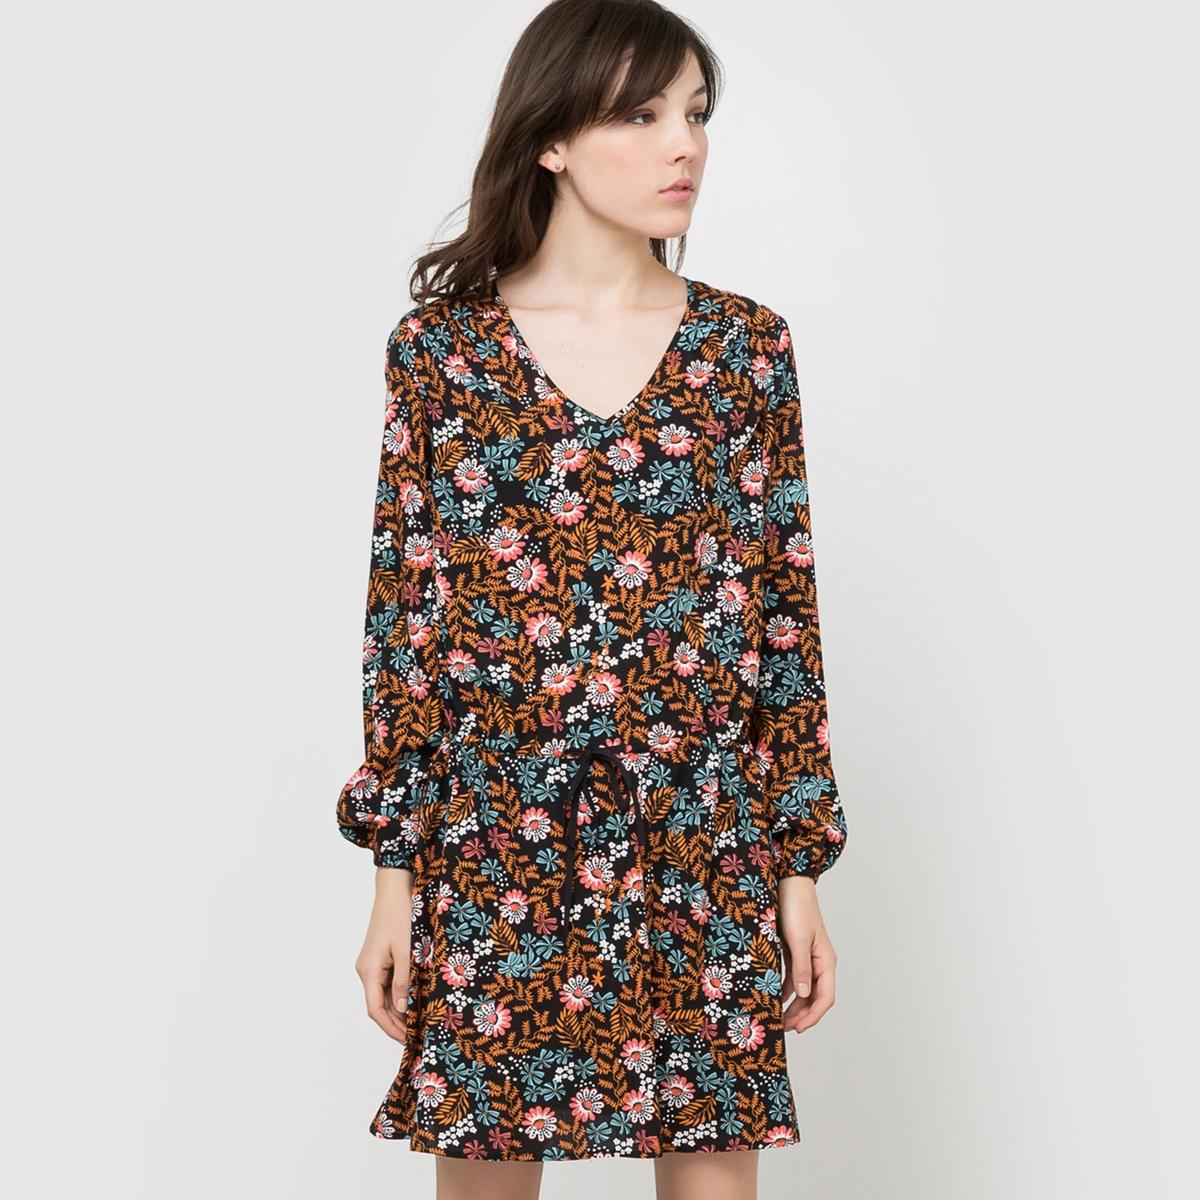 Платье с цветочным рисункомПлатье с цветочным рисунком из струящейся ткани. V-образный закругленный вырез. Длинные рукава с эластичными манжетами. Заниженный пояс на кулиске. Состав и описаниеМатериал          100% вискозаДлина       94 смУходМашинная стирка при 30 °С с вещами схожих цветовСтирать и гладить с изнаночной стороны<br><br>Цвет: набивной рисунок<br>Размер: 36 (FR) - 42 (RUS).48 (FR) - 54 (RUS).44 (FR) - 50 (RUS)